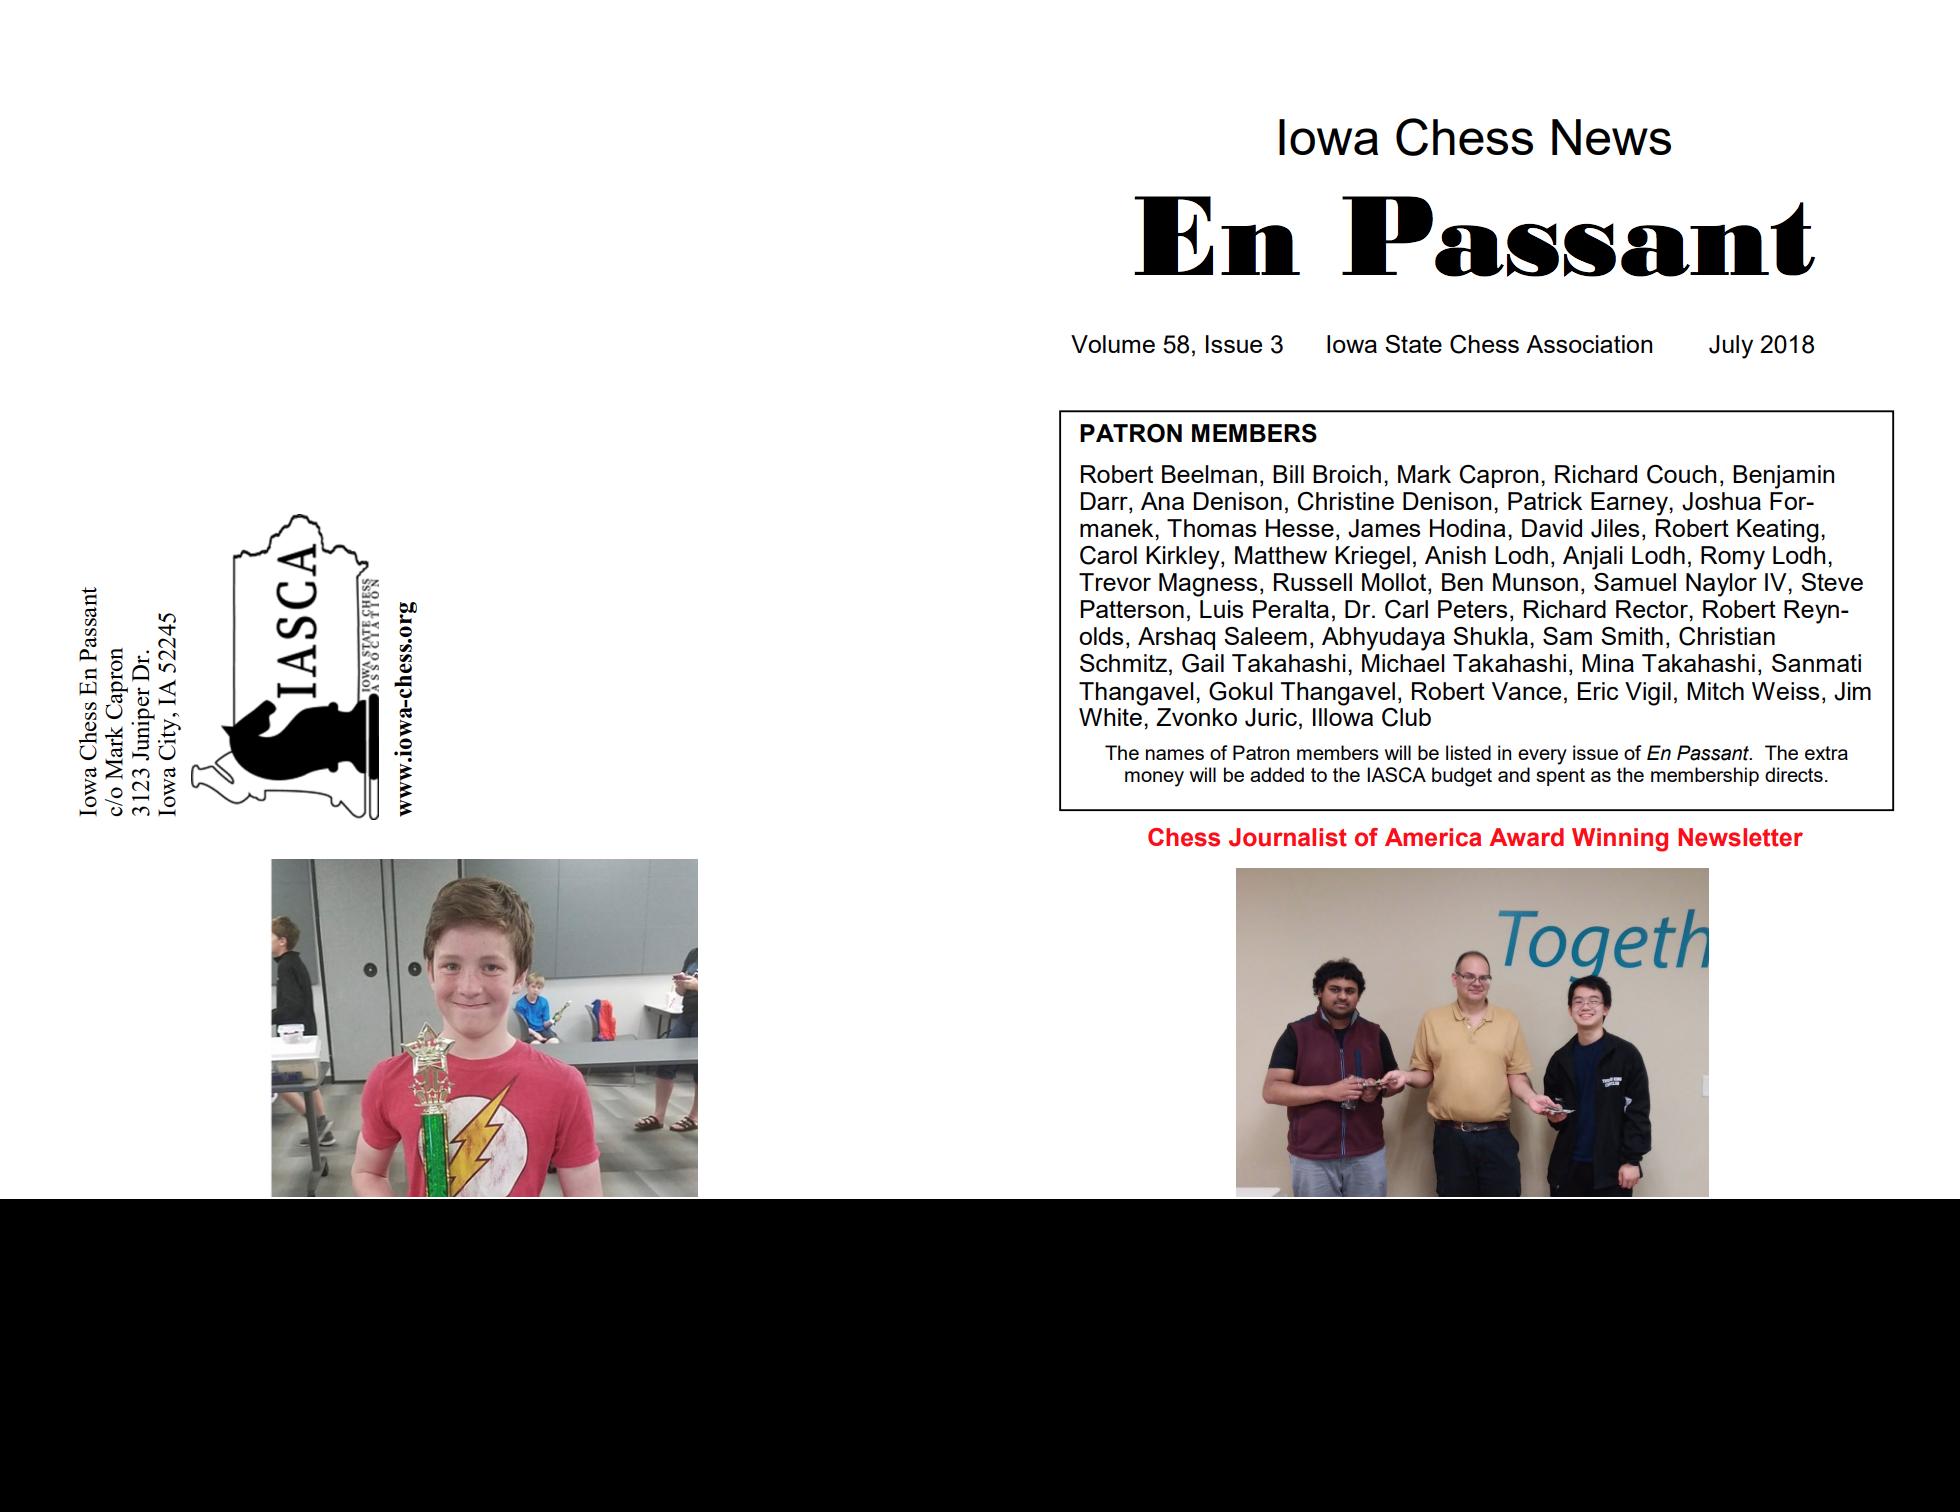 En Passant July 2018